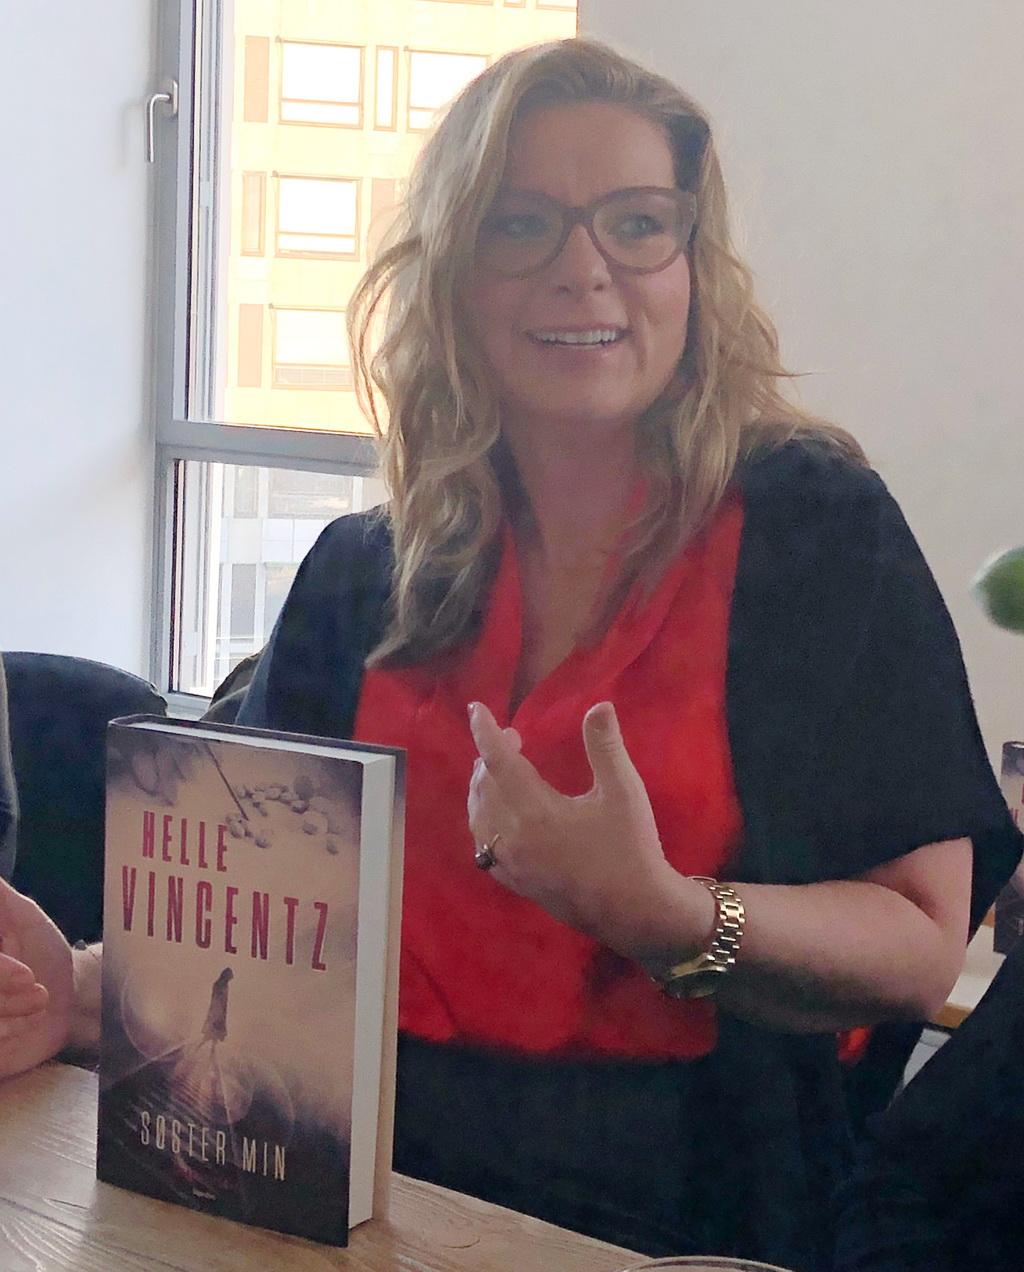 Helle Vincentz fortæller om Søster min - og om sit forfatterskab.